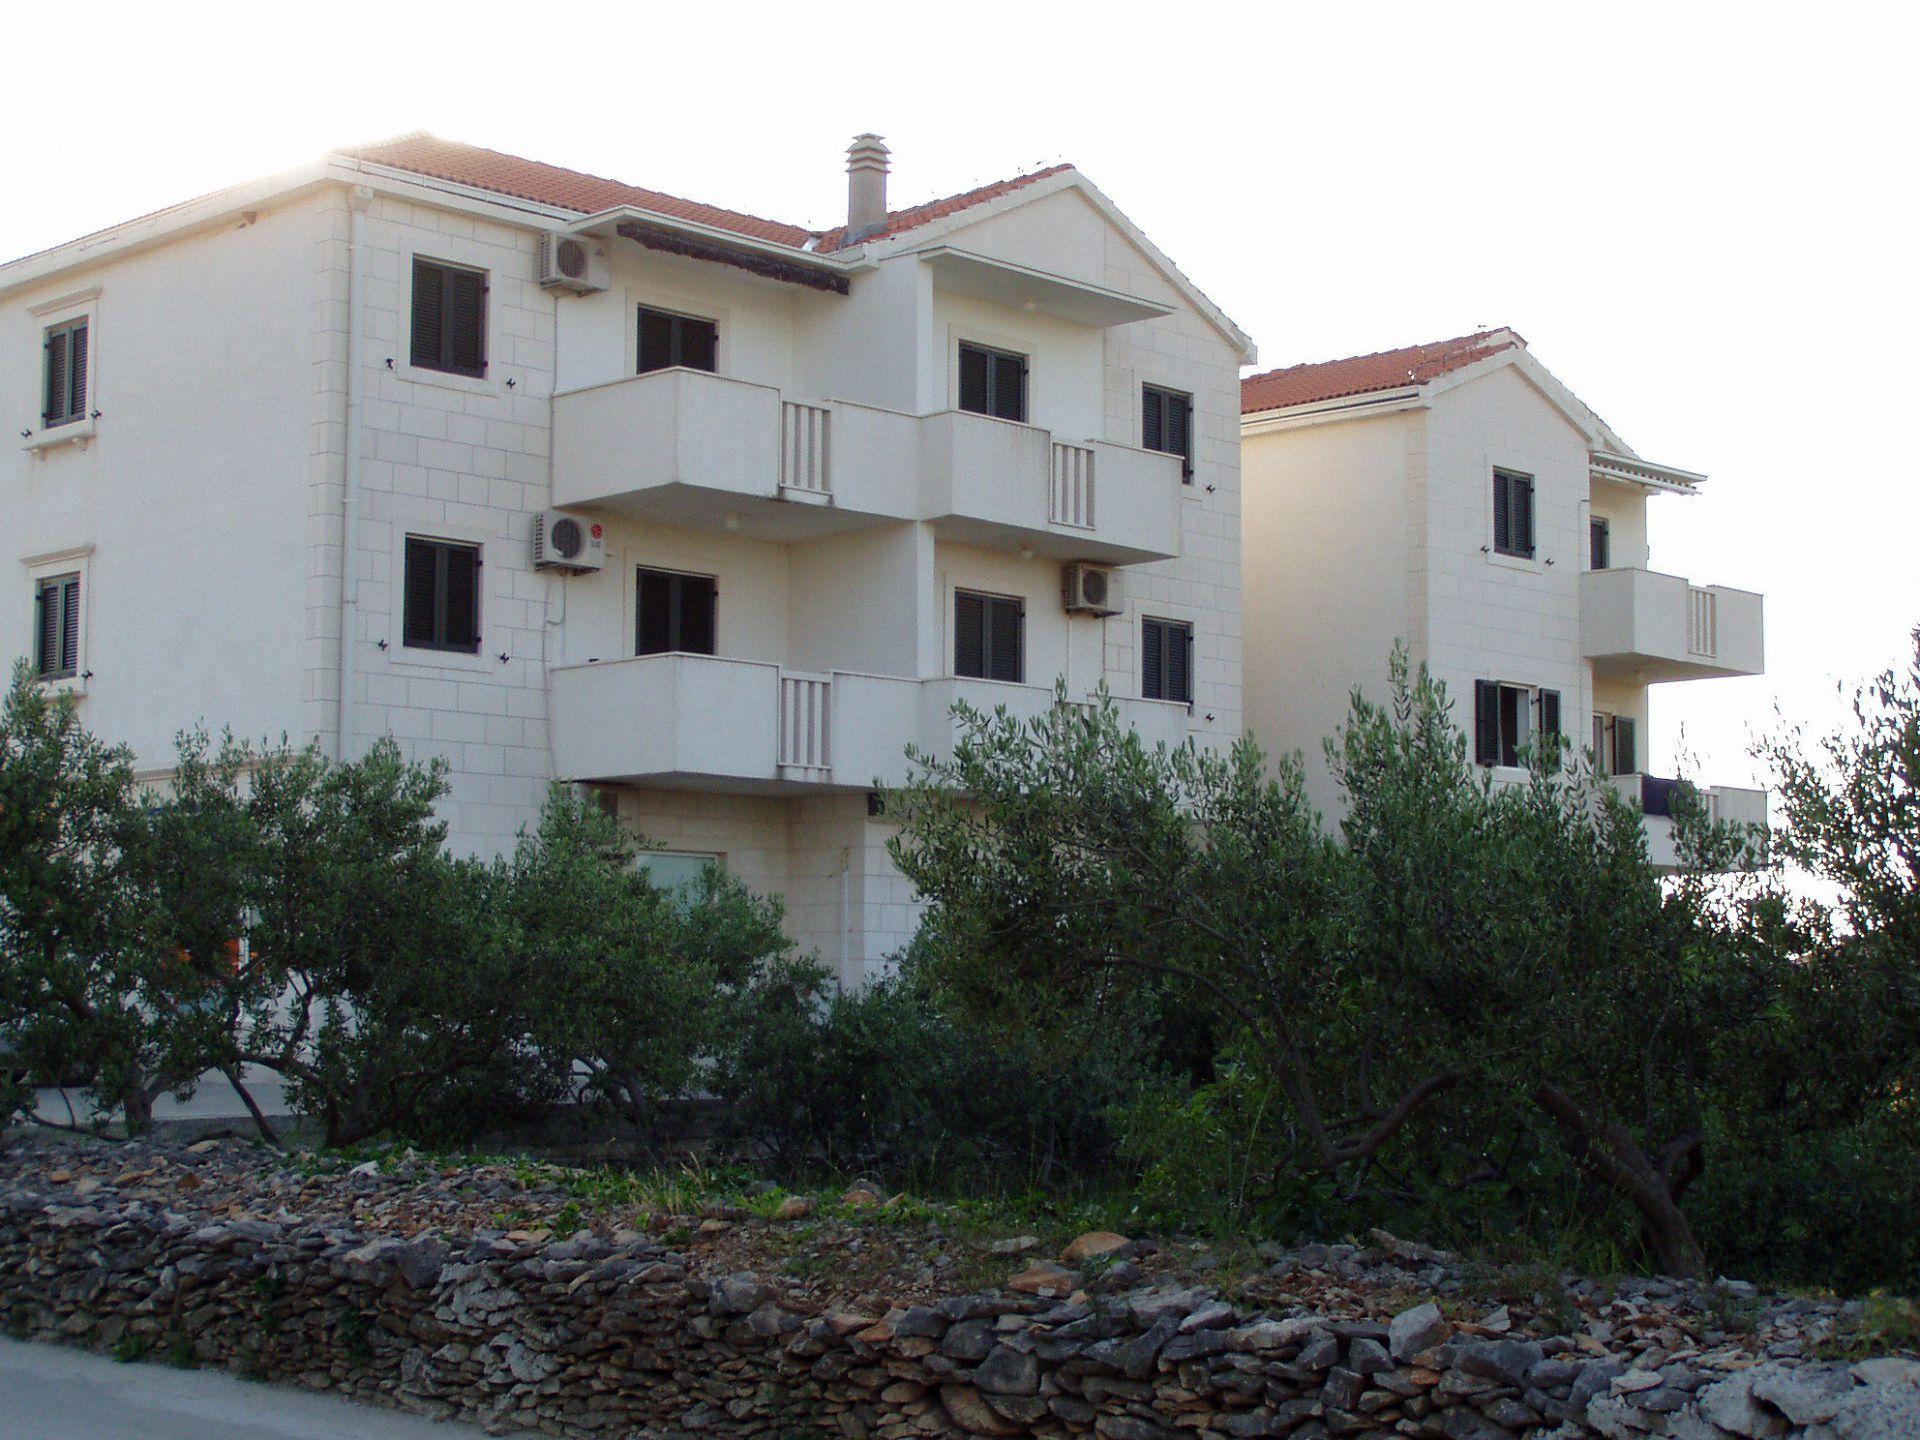 5615 - Supetar - Apartamenty Chorwacja